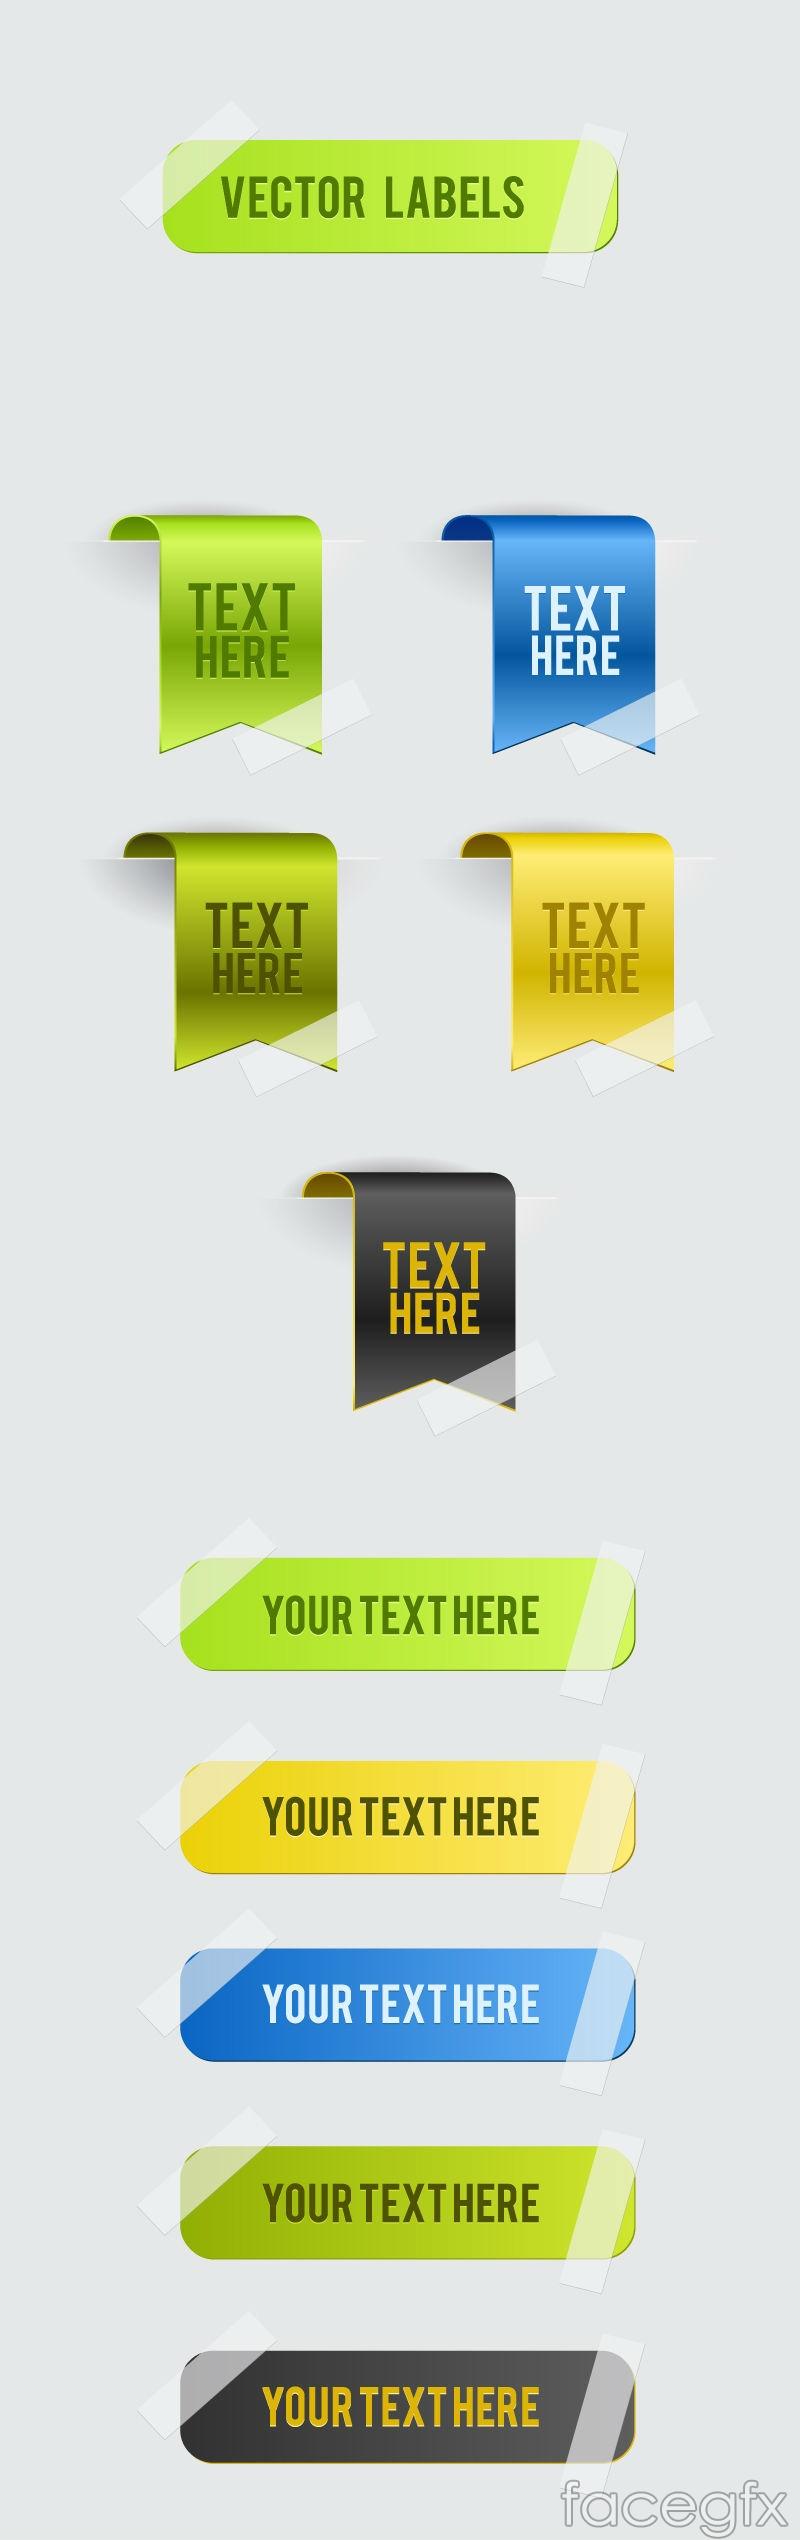 Colour delicate corners sticker vector